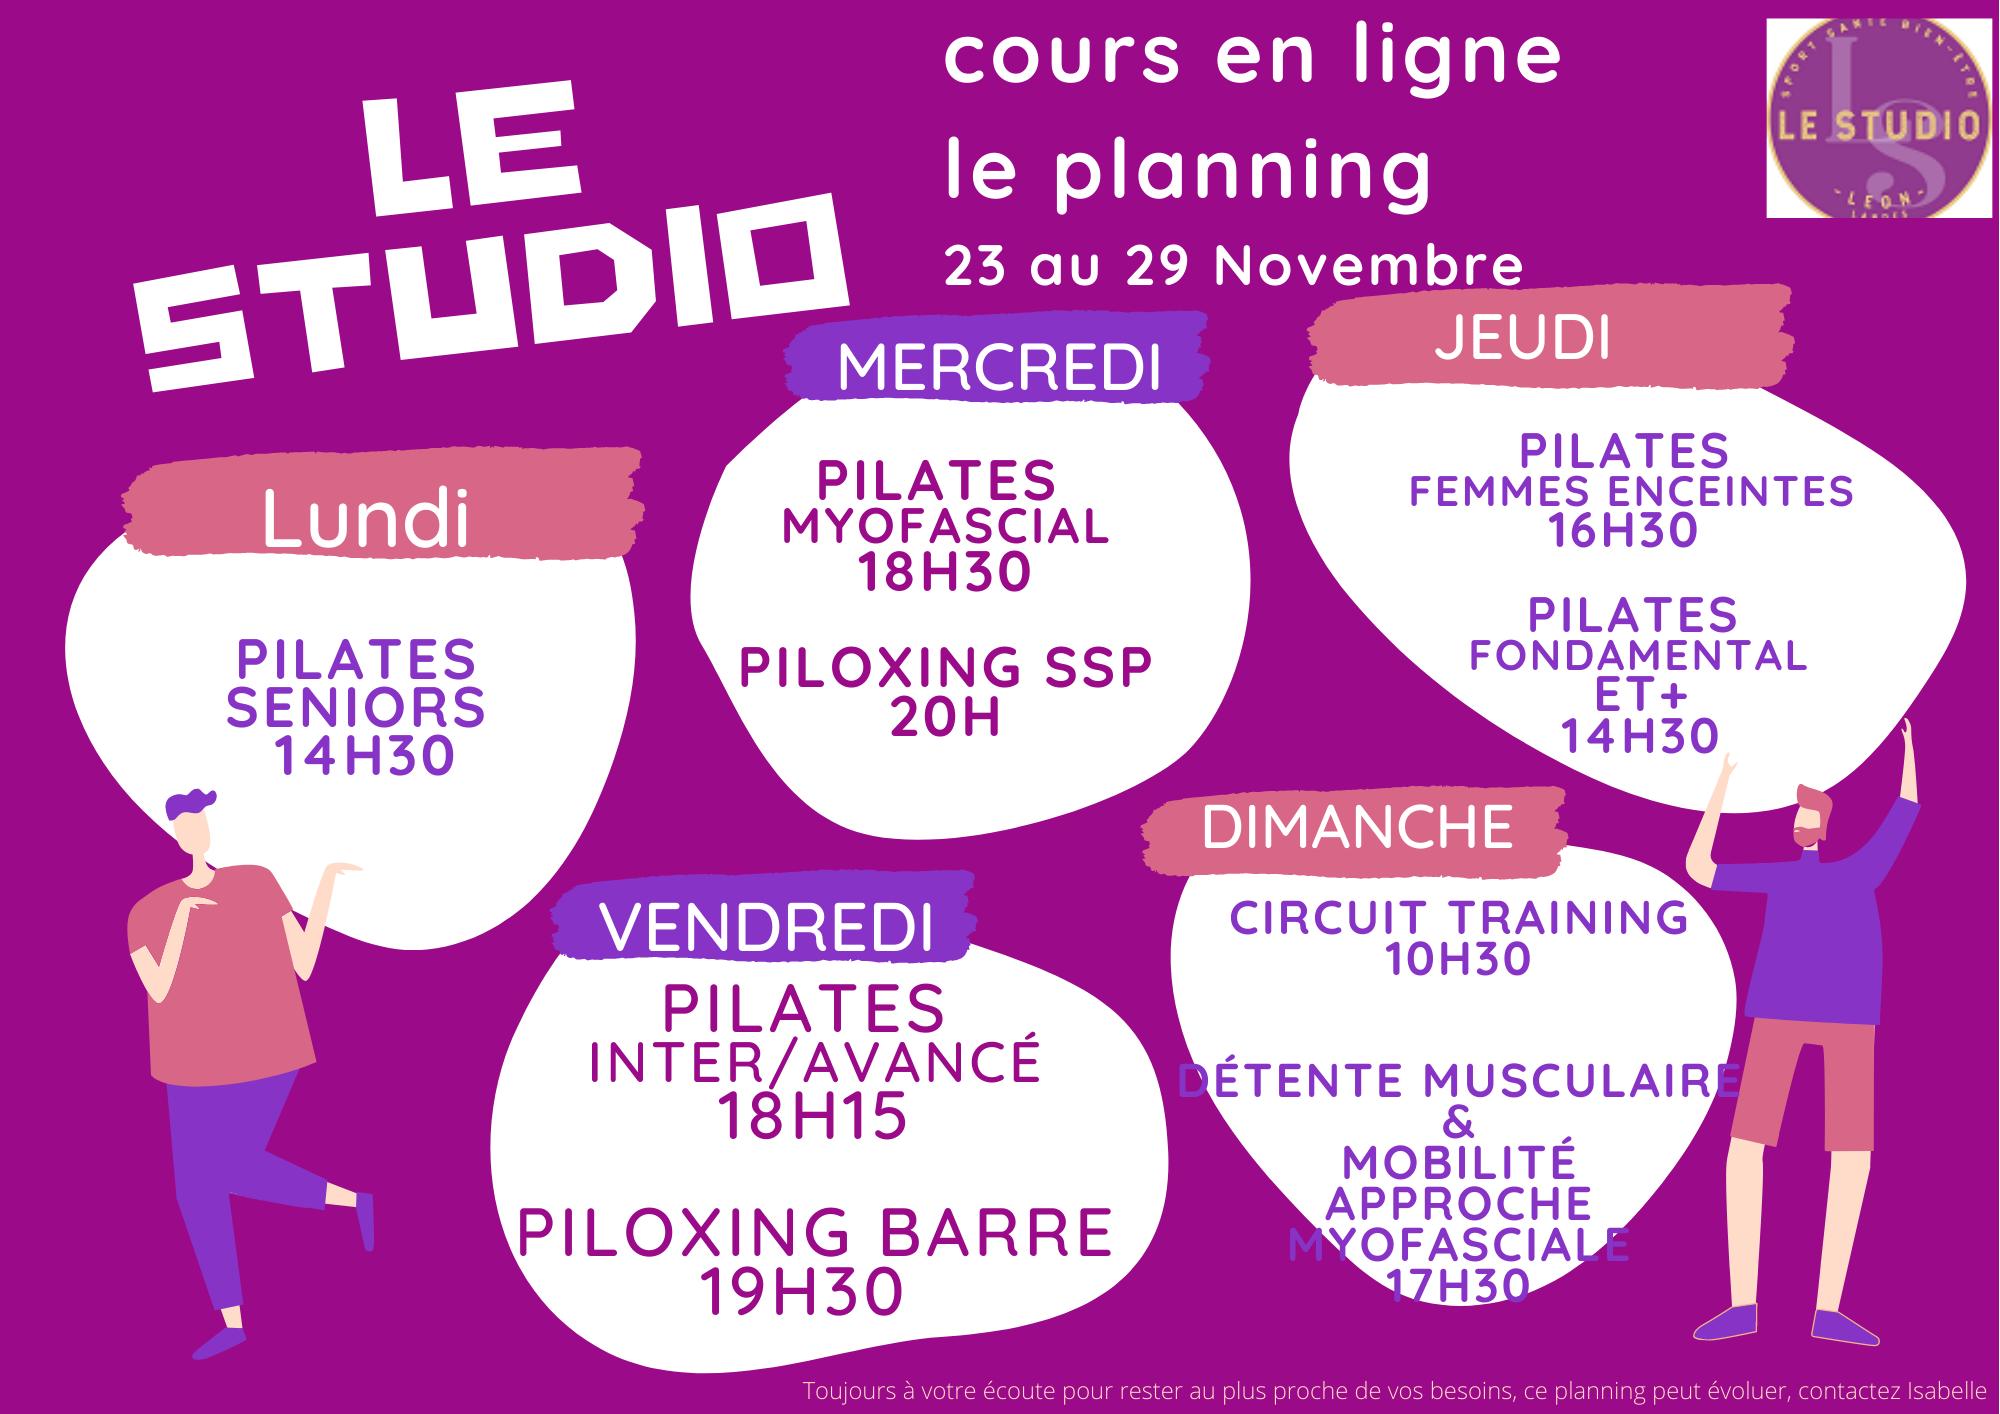 Pilates cours en ligne et en live du23 au 29 novembre - Class Schedule Le Studio Landes, sport santé bien-être